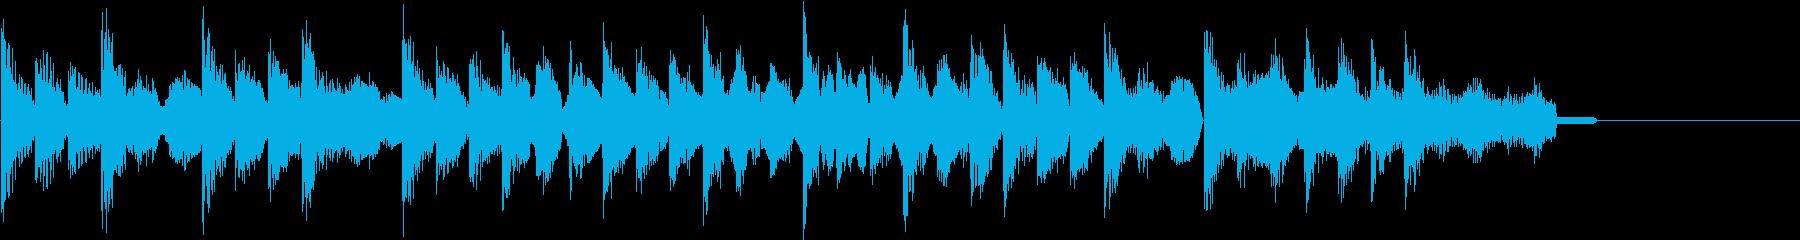 レトロゲーム風・ステージクリア#4の再生済みの波形